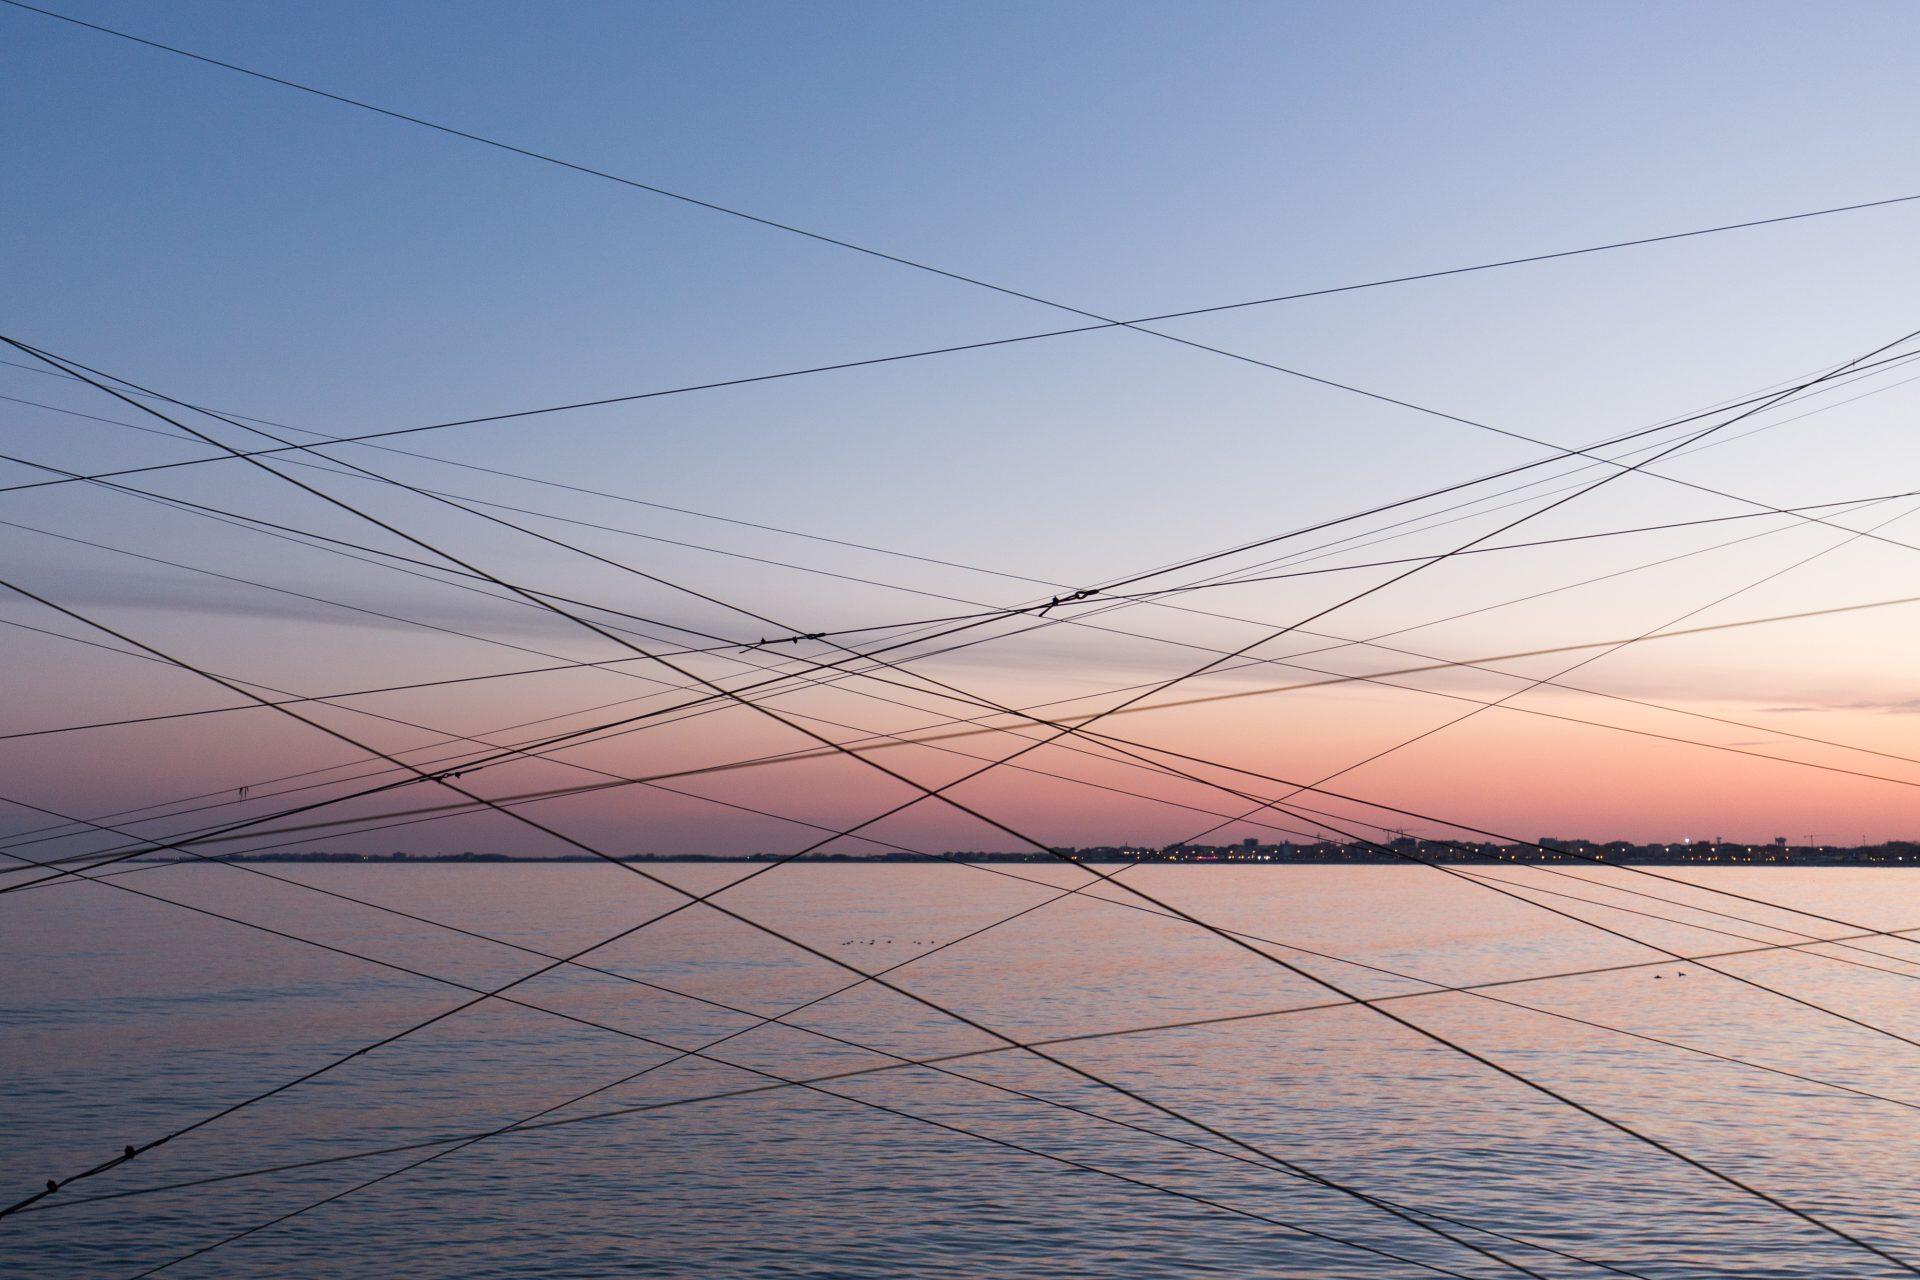 Fischerhütten bei Chioggia in der Lagune von Venedig